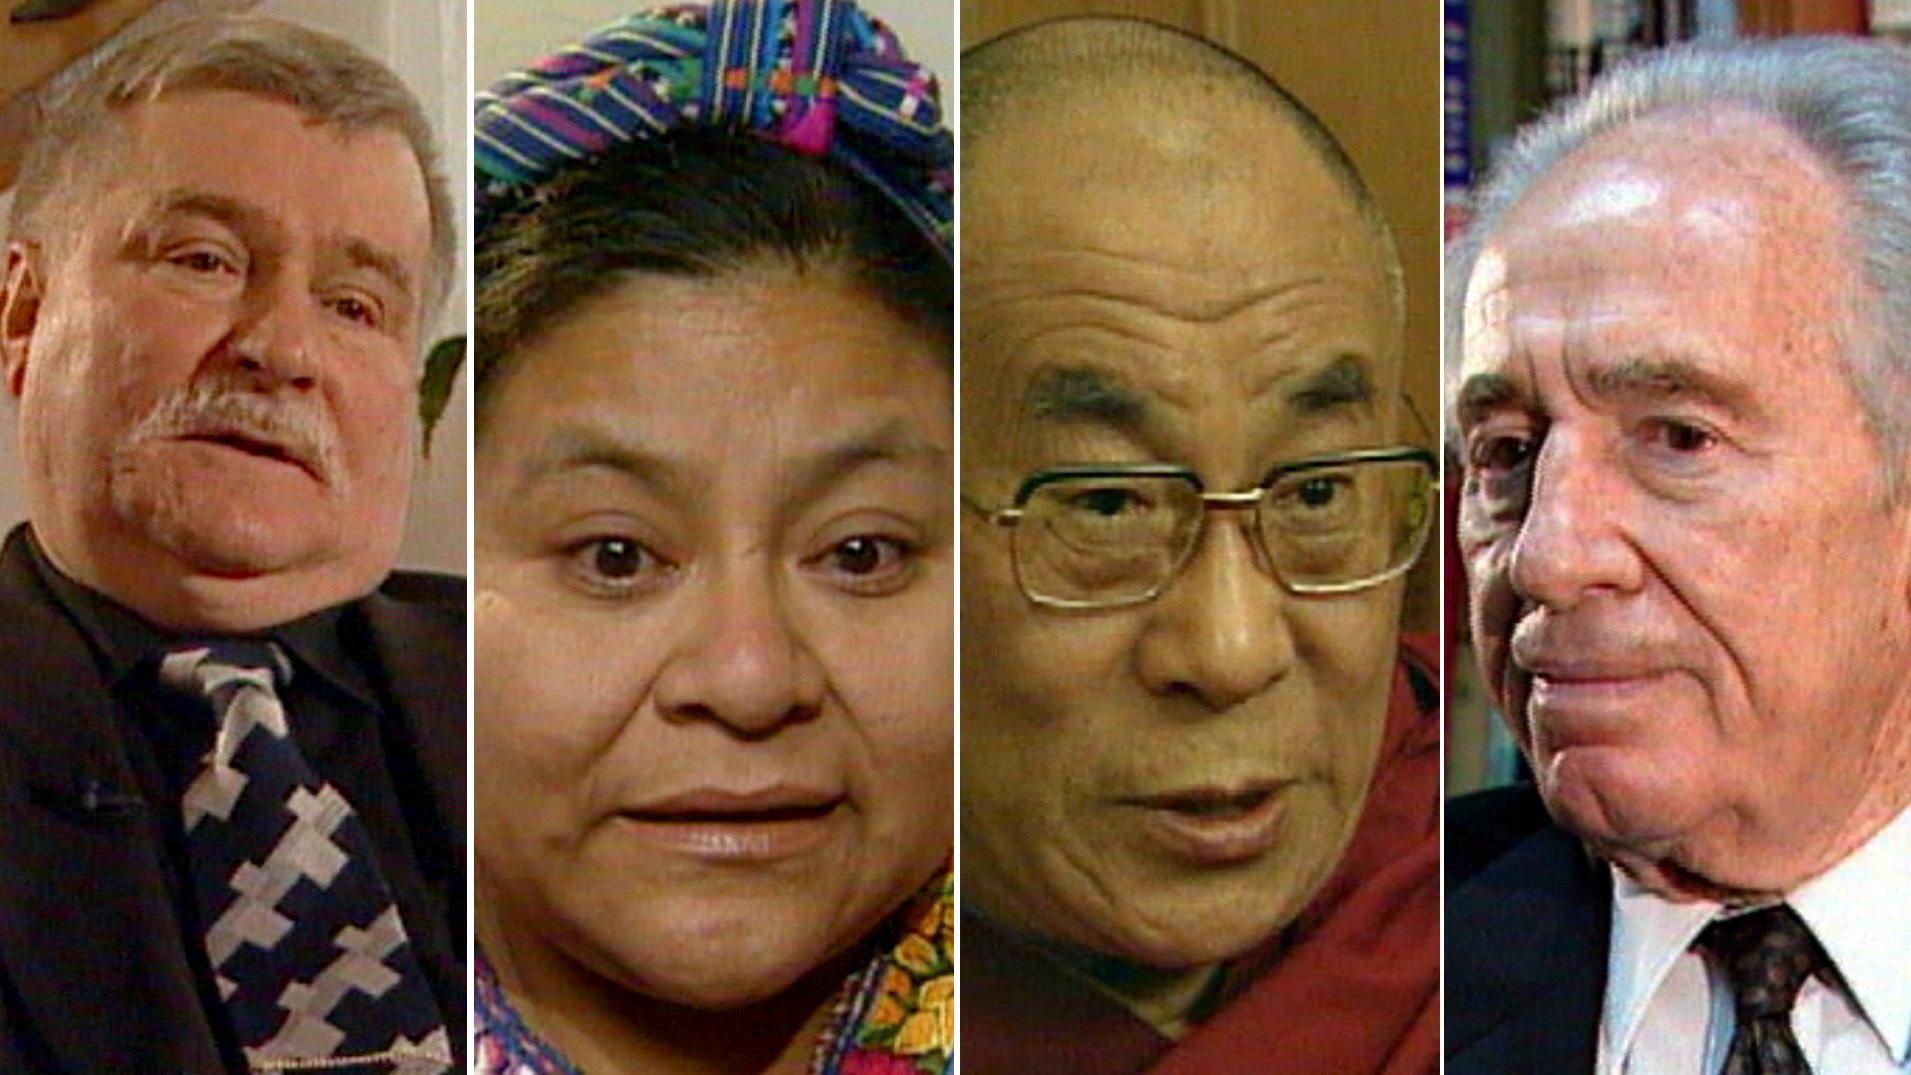 Friedensnobelpreis: So erlebten Friedensnobelpreisträger ihre Auszeichnung